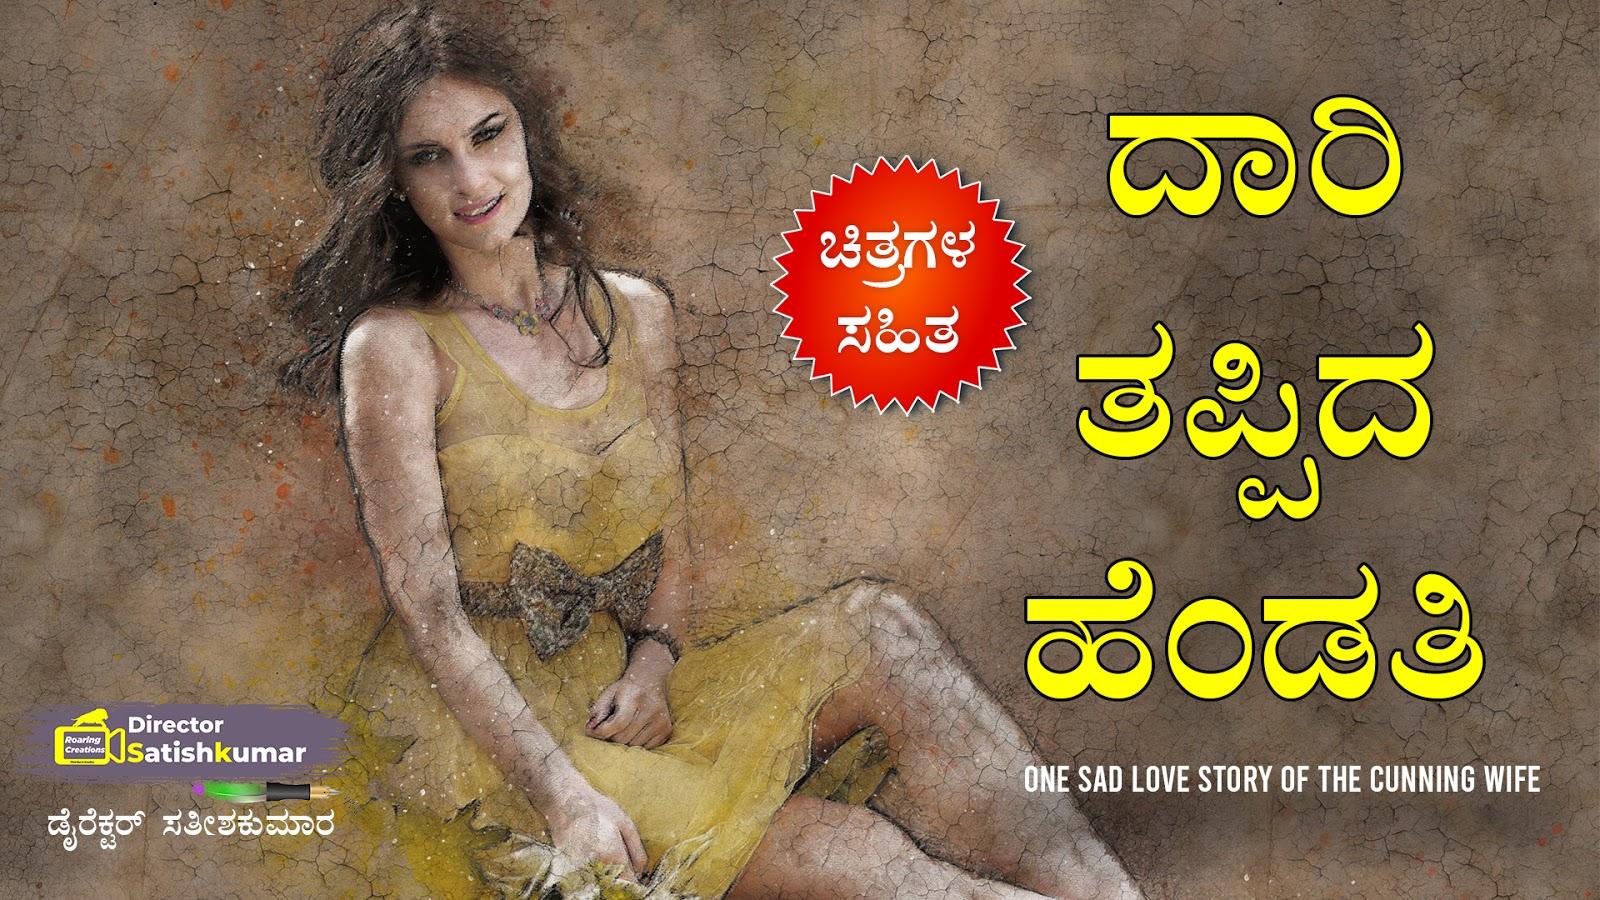 ದಾರಿ ತಪ್ಪಿದ ಹೆಂಡತಿ - One Sad Love Story of The Cunning Wife in Kannada